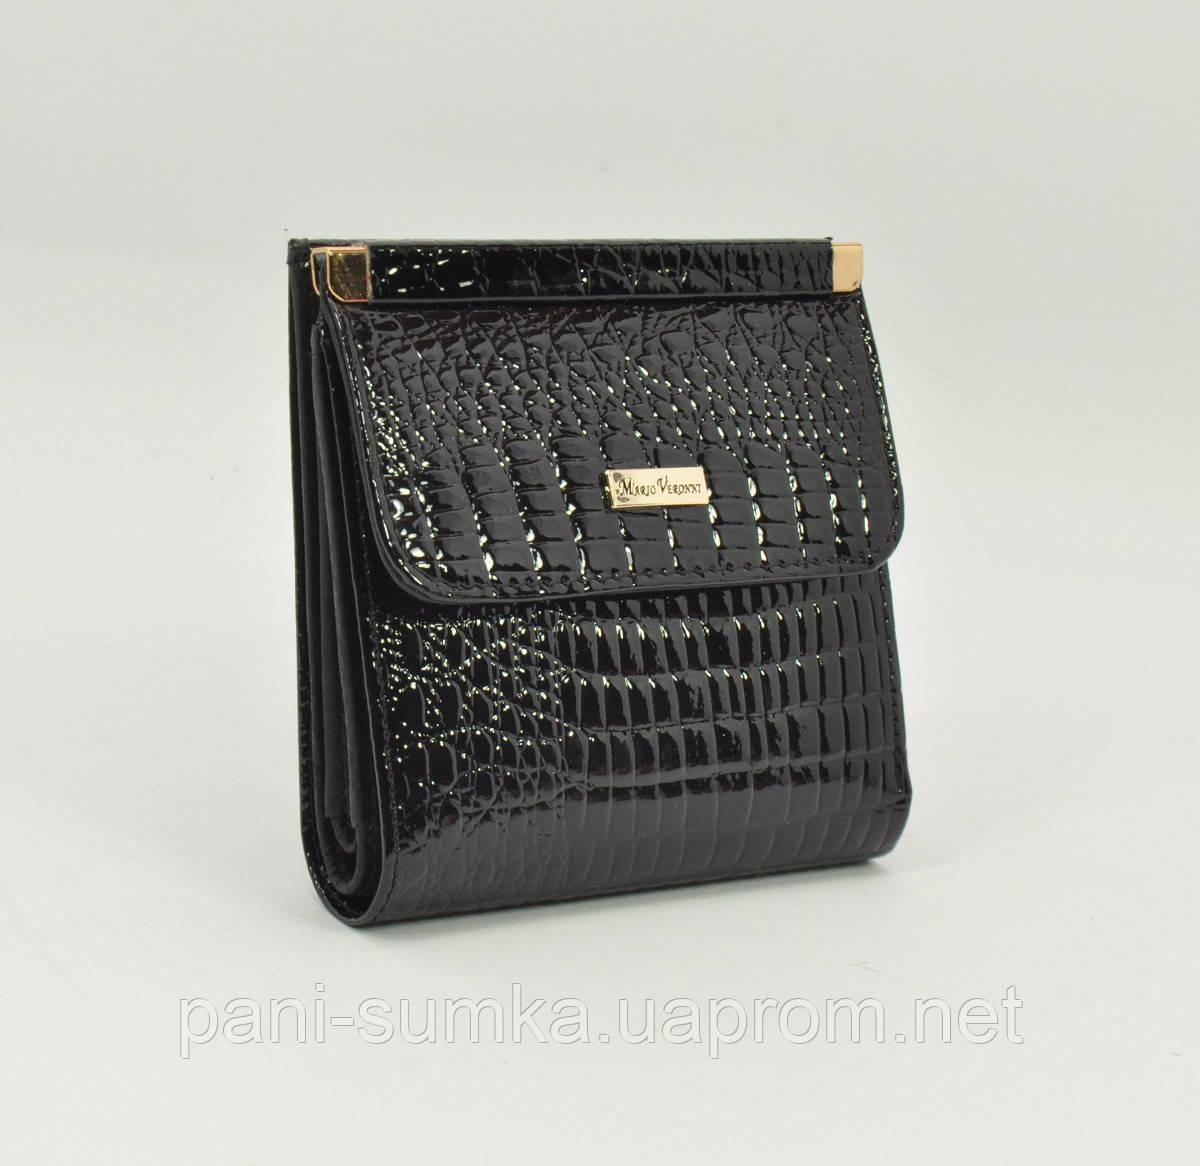 Маленький жіночий шкіряний гаманець Mario Veronni 9026 чорний лаковий